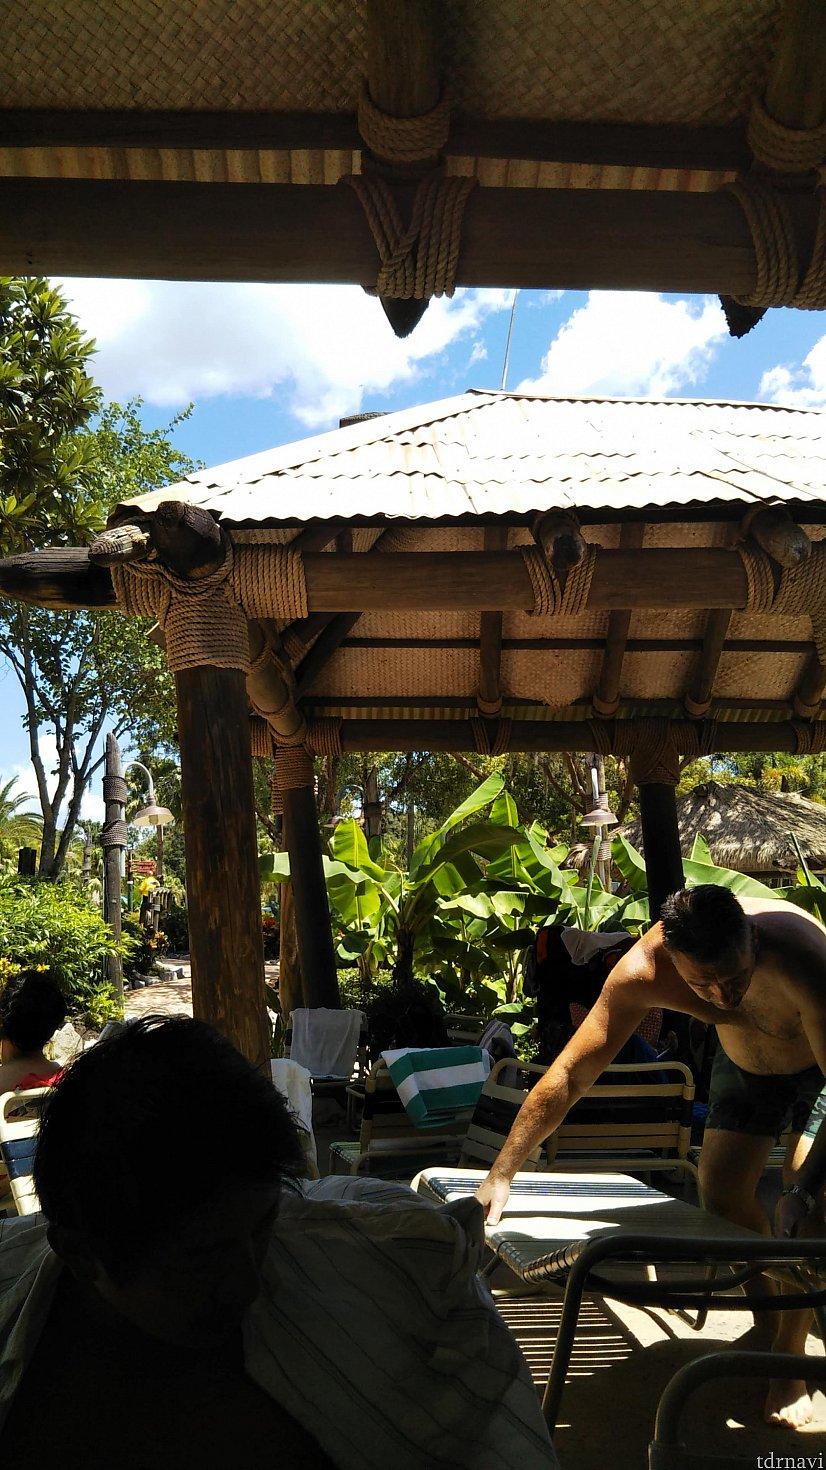 大人数が入る大きな屋根の席もあります。この場合は複数家族がシェアします。 それでも屋根があるということでまあまあ良い席です。 日焼けもそうですが、激しいスコールが必ず1回はあるので、屋根の下に座れる席があると座ってタオルにくるまって、時にはドリンクを飲みながらスコールをやり過ごせます。